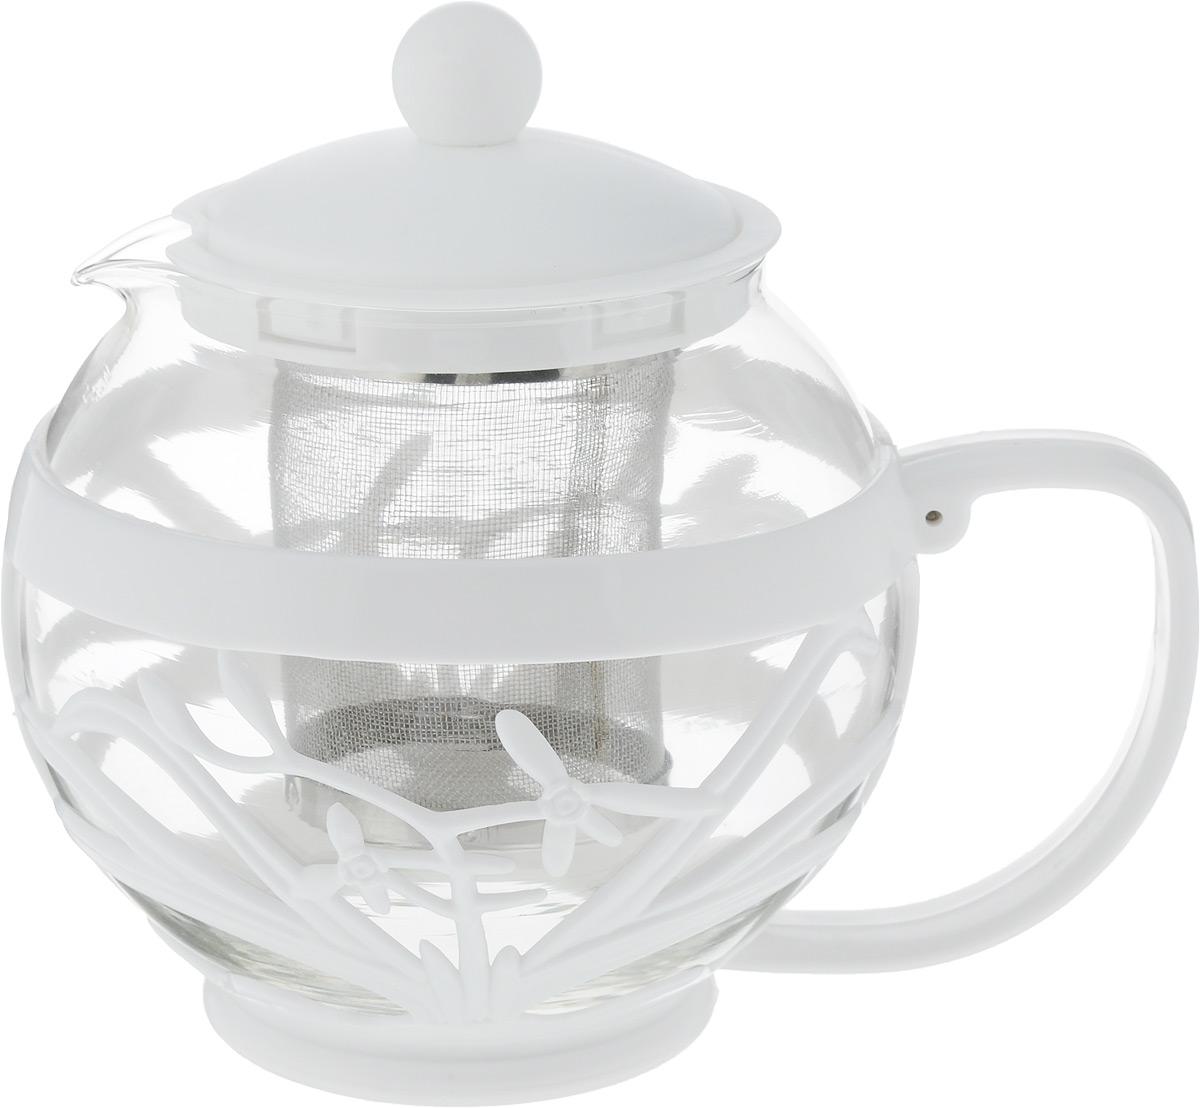 Чайник заварочный Menu Мелисса, с фильтром, цвет: прозрачный, белый, 750 млMLS-76_белыйЧайник Menu Мелисса изготовлен из прочного стекла и пластика. Он прекрасно подойдет для заваривания чая и травяных напитков. Классический стиль и оптимальный объем делают его удобным и оригинальным аксессуаром. Изделие имеет удлиненный металлический фильтр, который обеспечивает высокое качество фильтрации напитка и позволяет заварить чай даже при небольшом уровне воды. Ручка чайника не нагревается и обеспечивает безопасность использования. Нельзя мыть в посудомоечной машине. Диаметр чайника (по верхнему краю): 8 см.Высота чайника (без учета крышки): 11 см.Размер фильтра: 6 х 6 х 7,2 см.